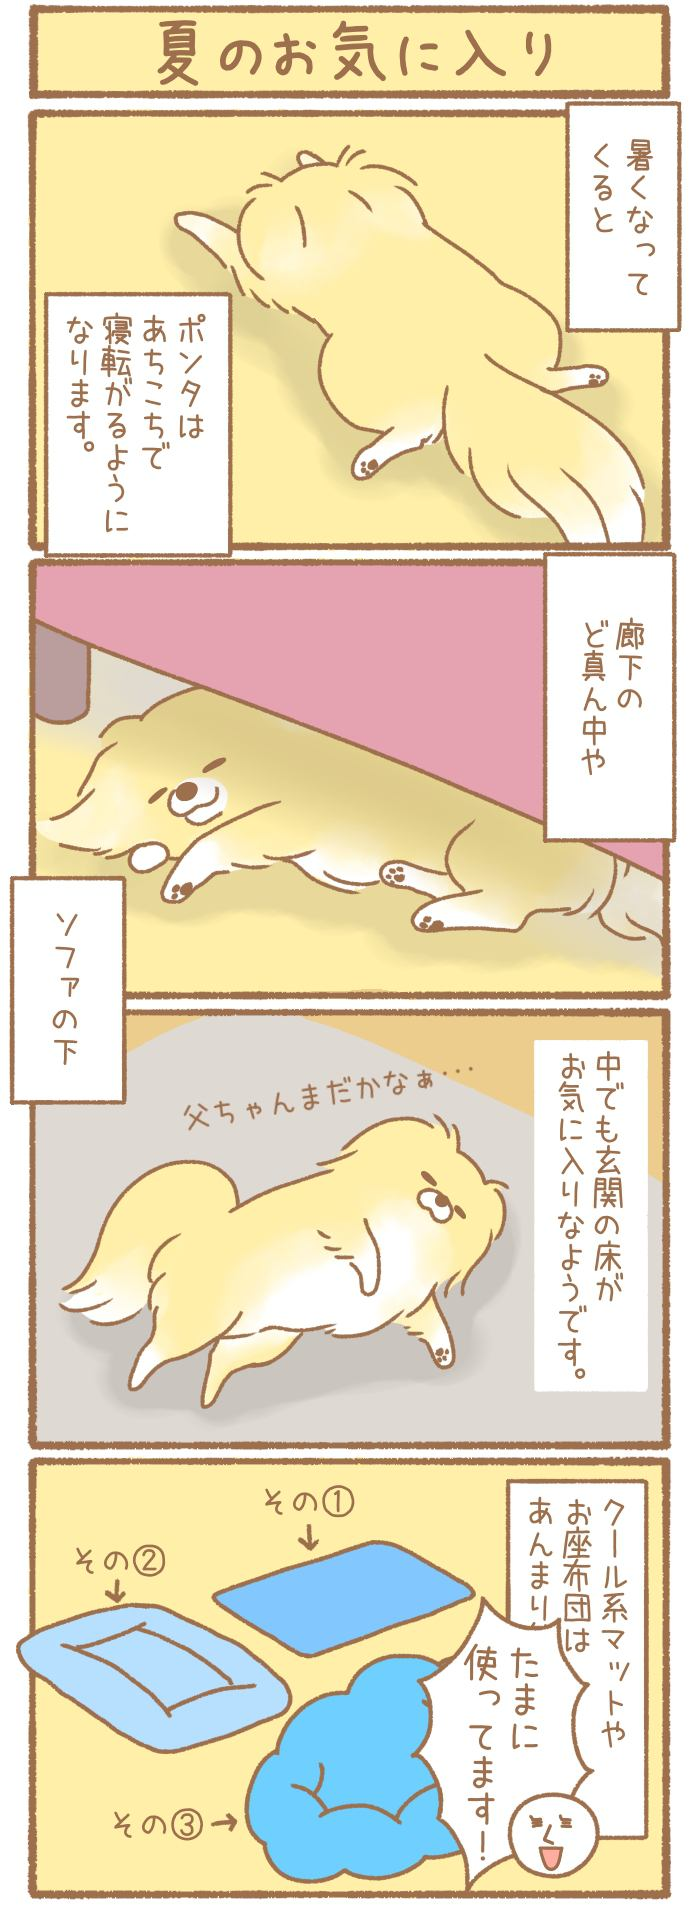 ただの犬好きです。【第111話】